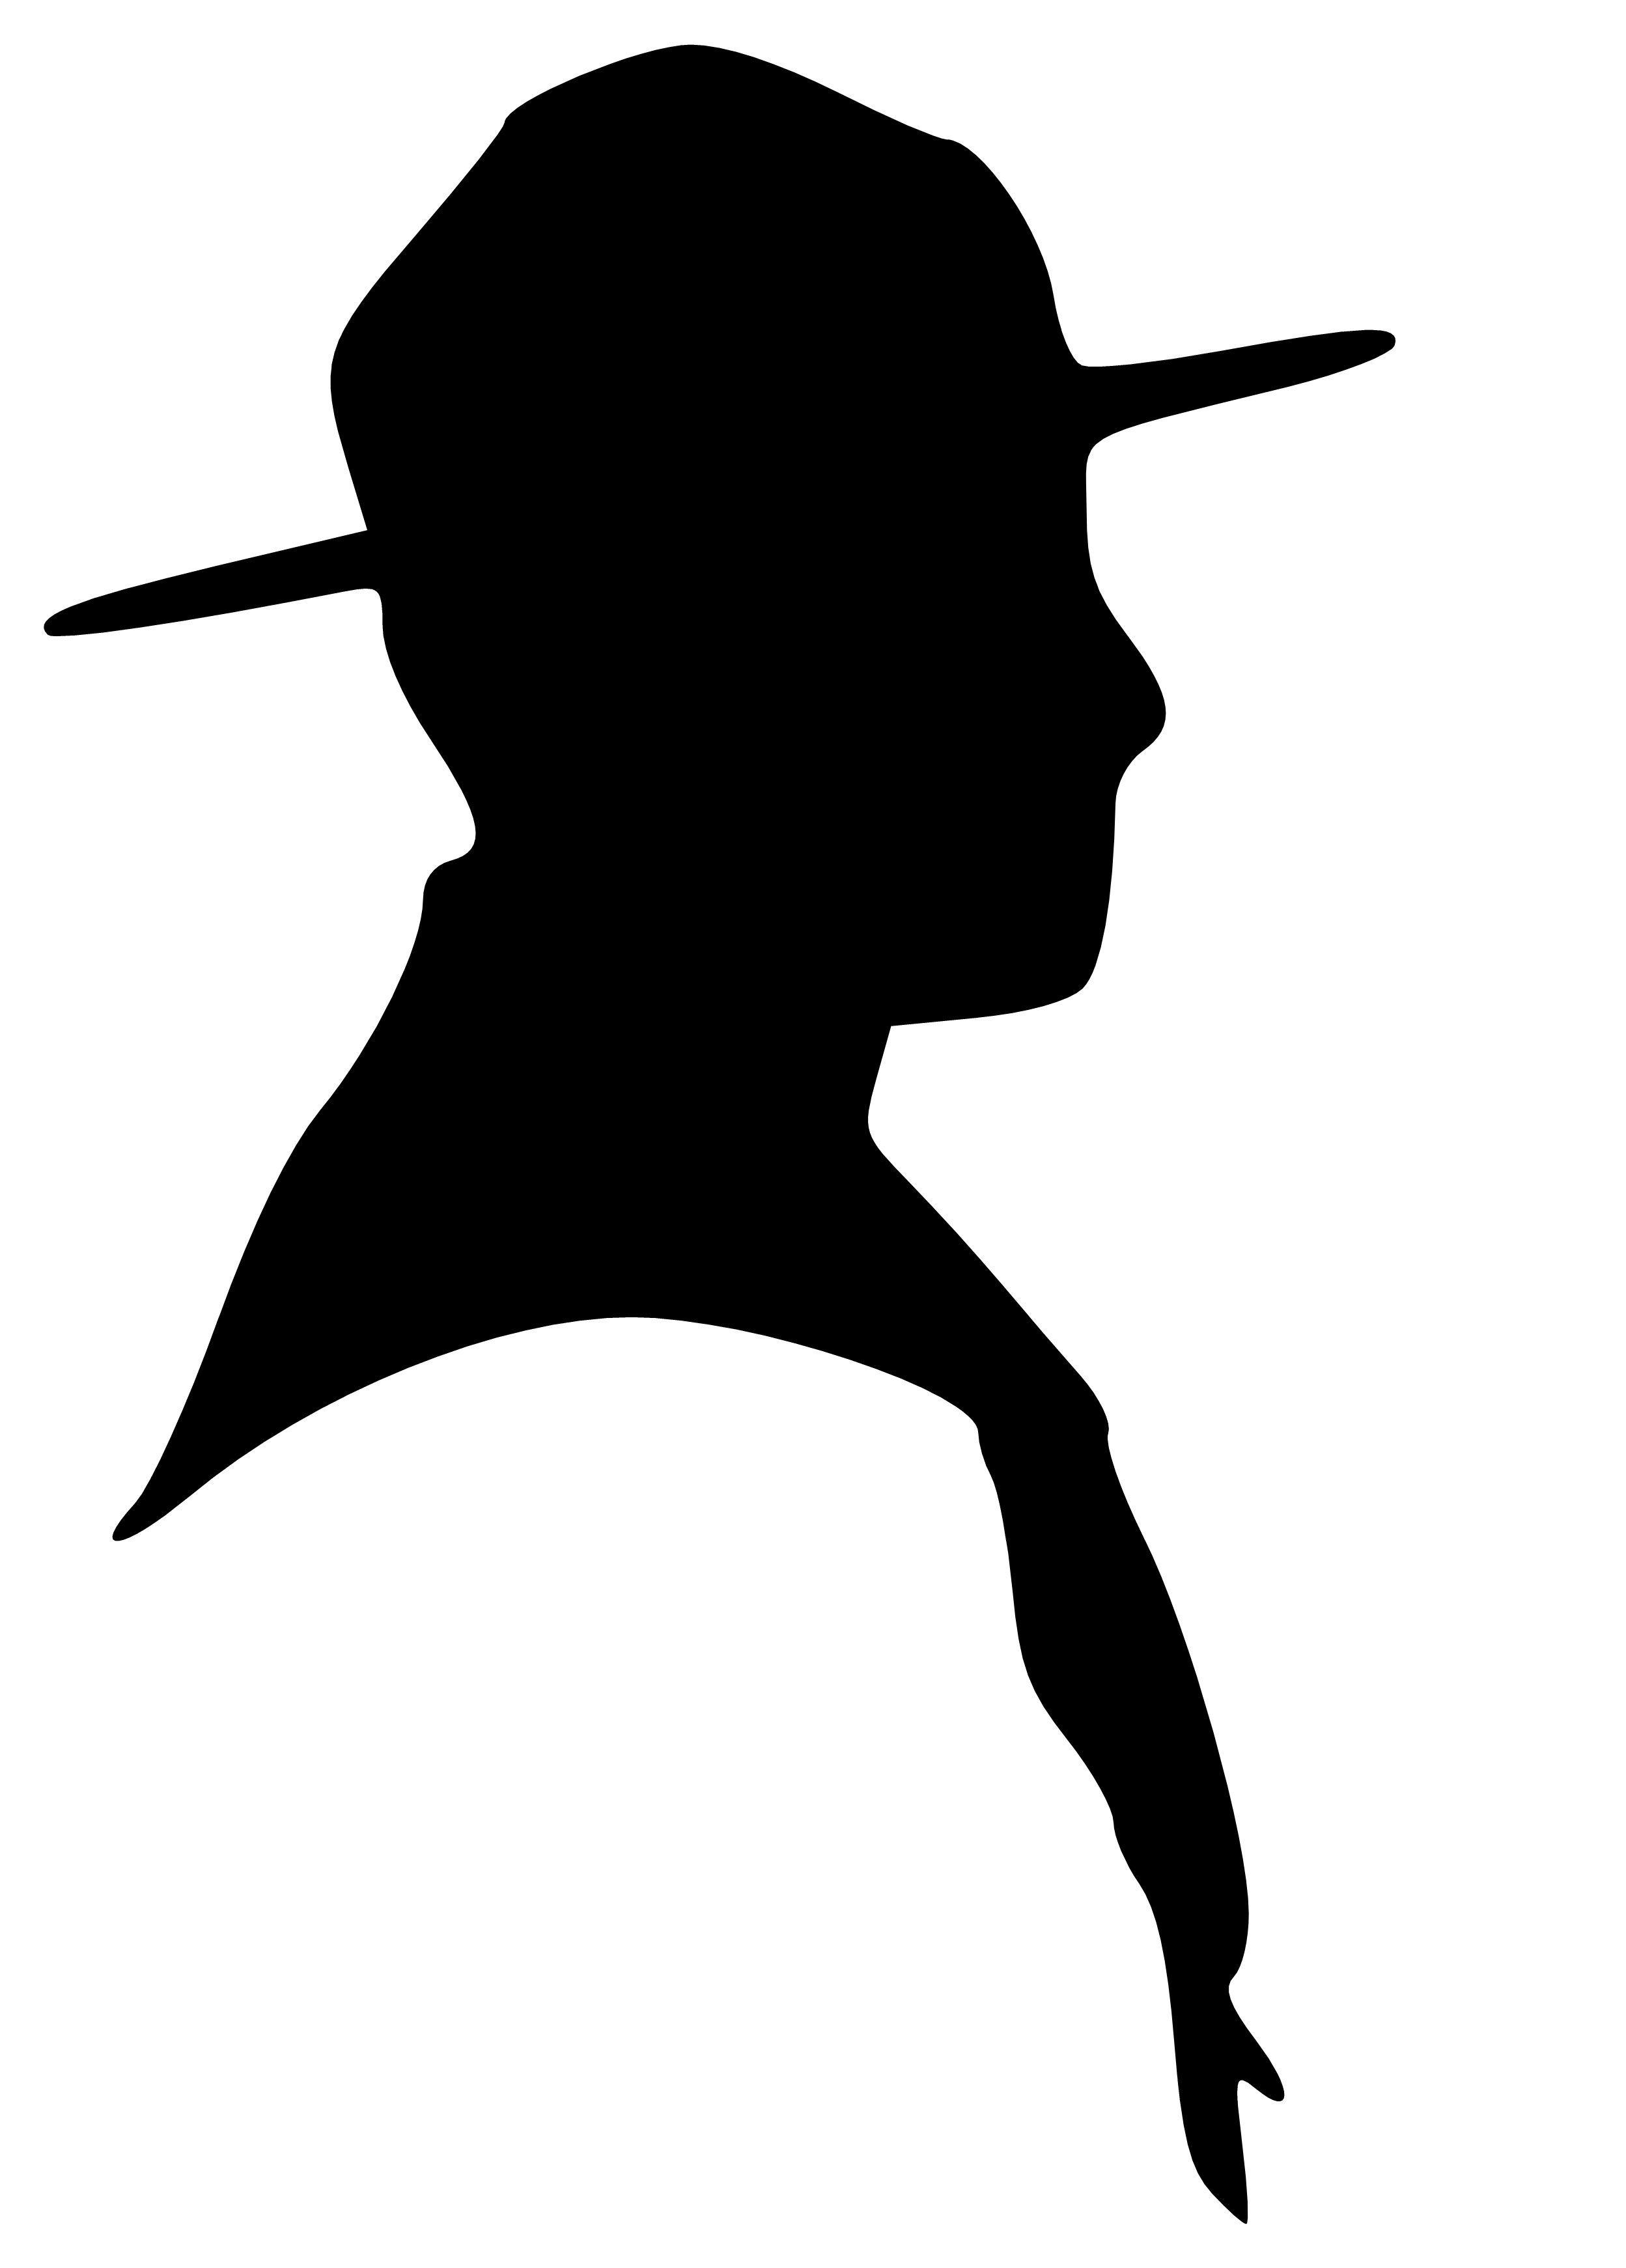 e99b703add2 Boy Scout SVG | boy scouts | Dibujos, Tatuaje buho y Cuadros ...